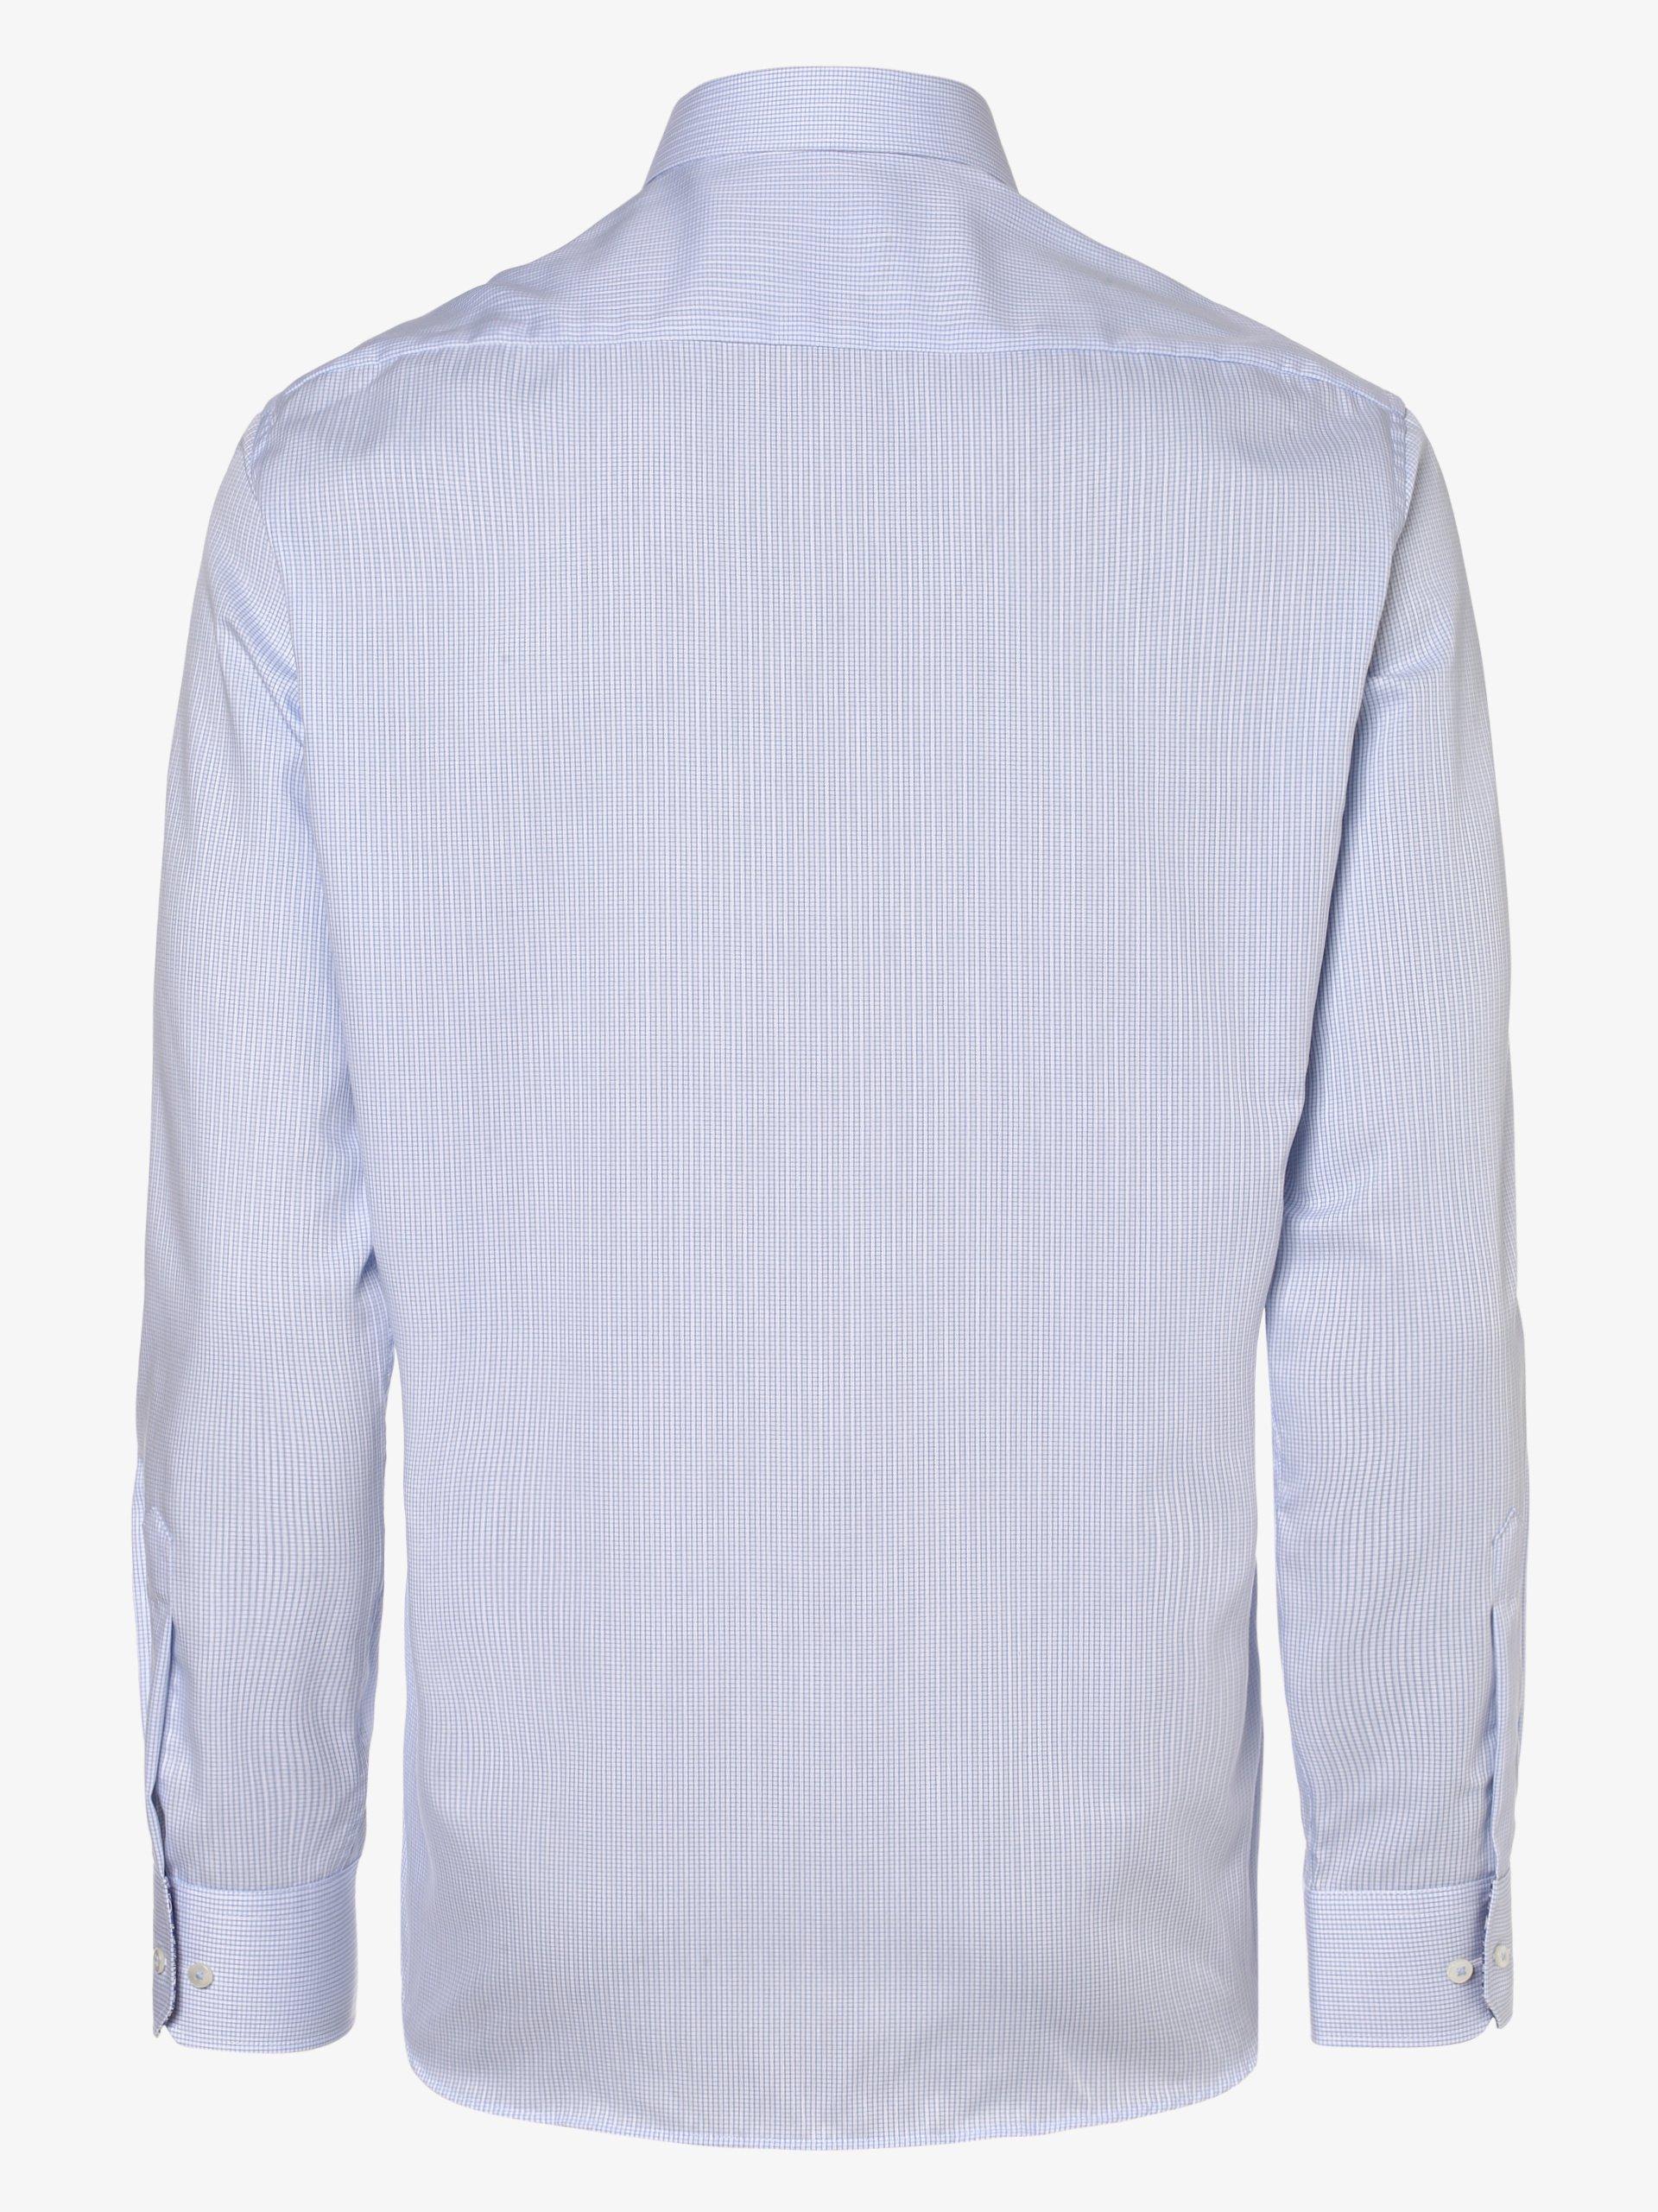 Eterna Modern Fit Koszula męska – niewymagająca prasowania